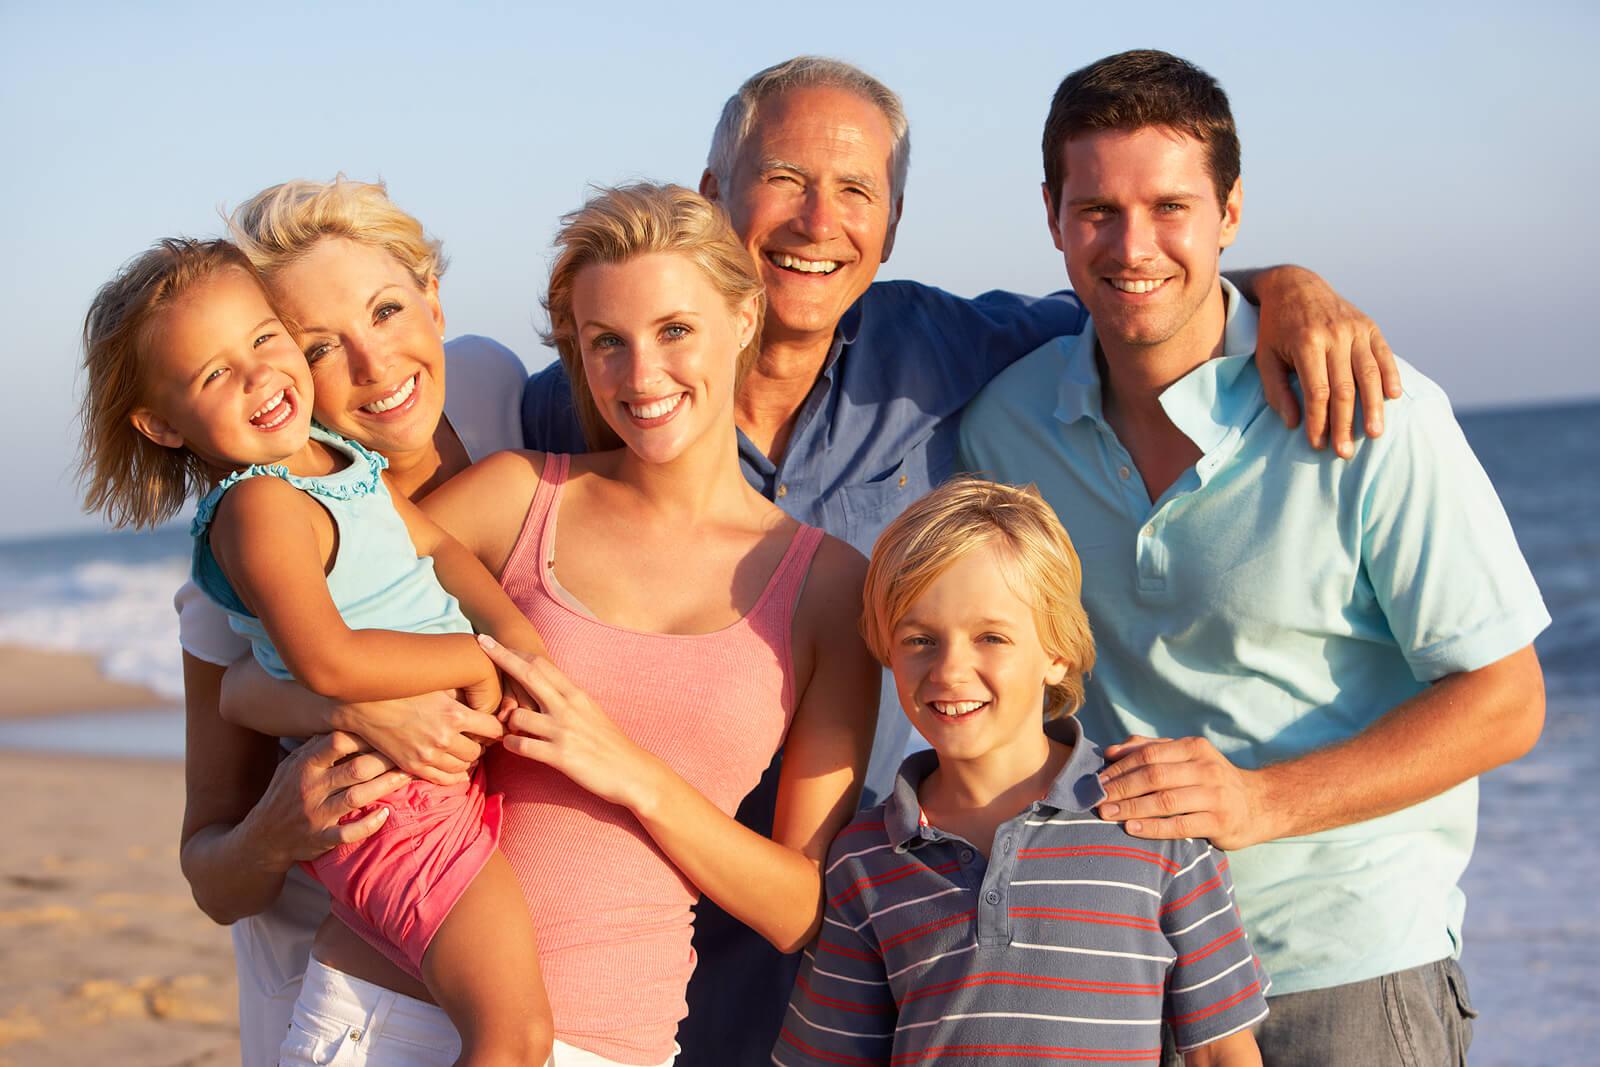 Familia mostrando la importancia del apoyo familiar.